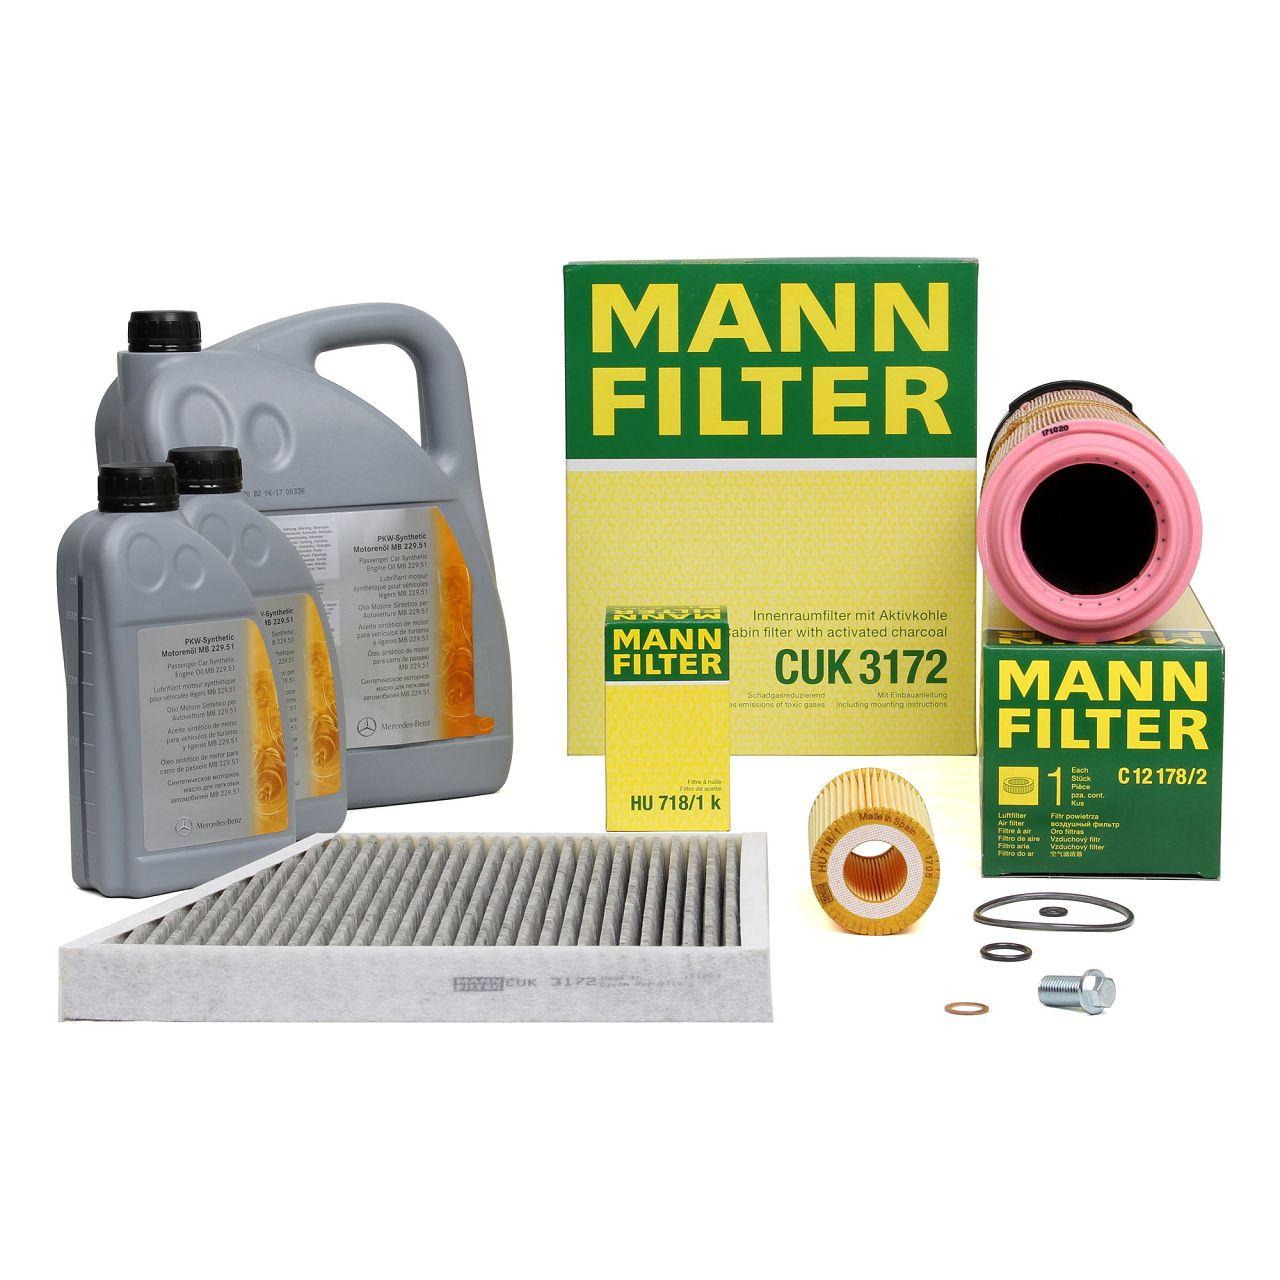 MANN Filterset + 7 L ORIGINAL Mercedes-Benz 5W30 Motoröl E-Klasse W211 S211 E200/220CDi